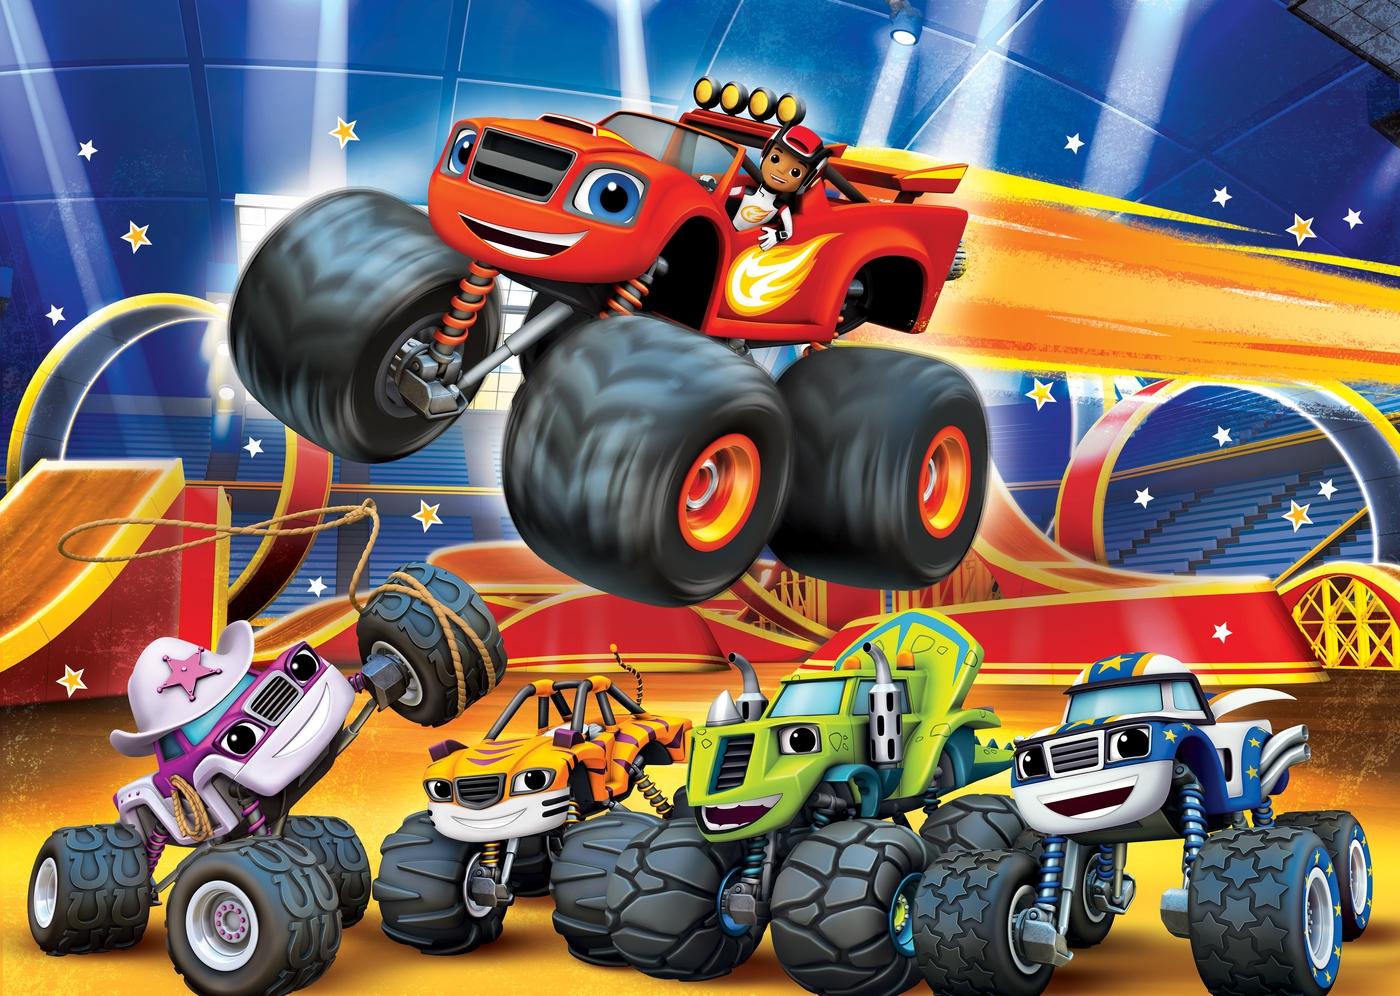 cuales-son-los-juguetes-de-blaze-and-the-monster-machine-que-mas-gustan-a-los-nino